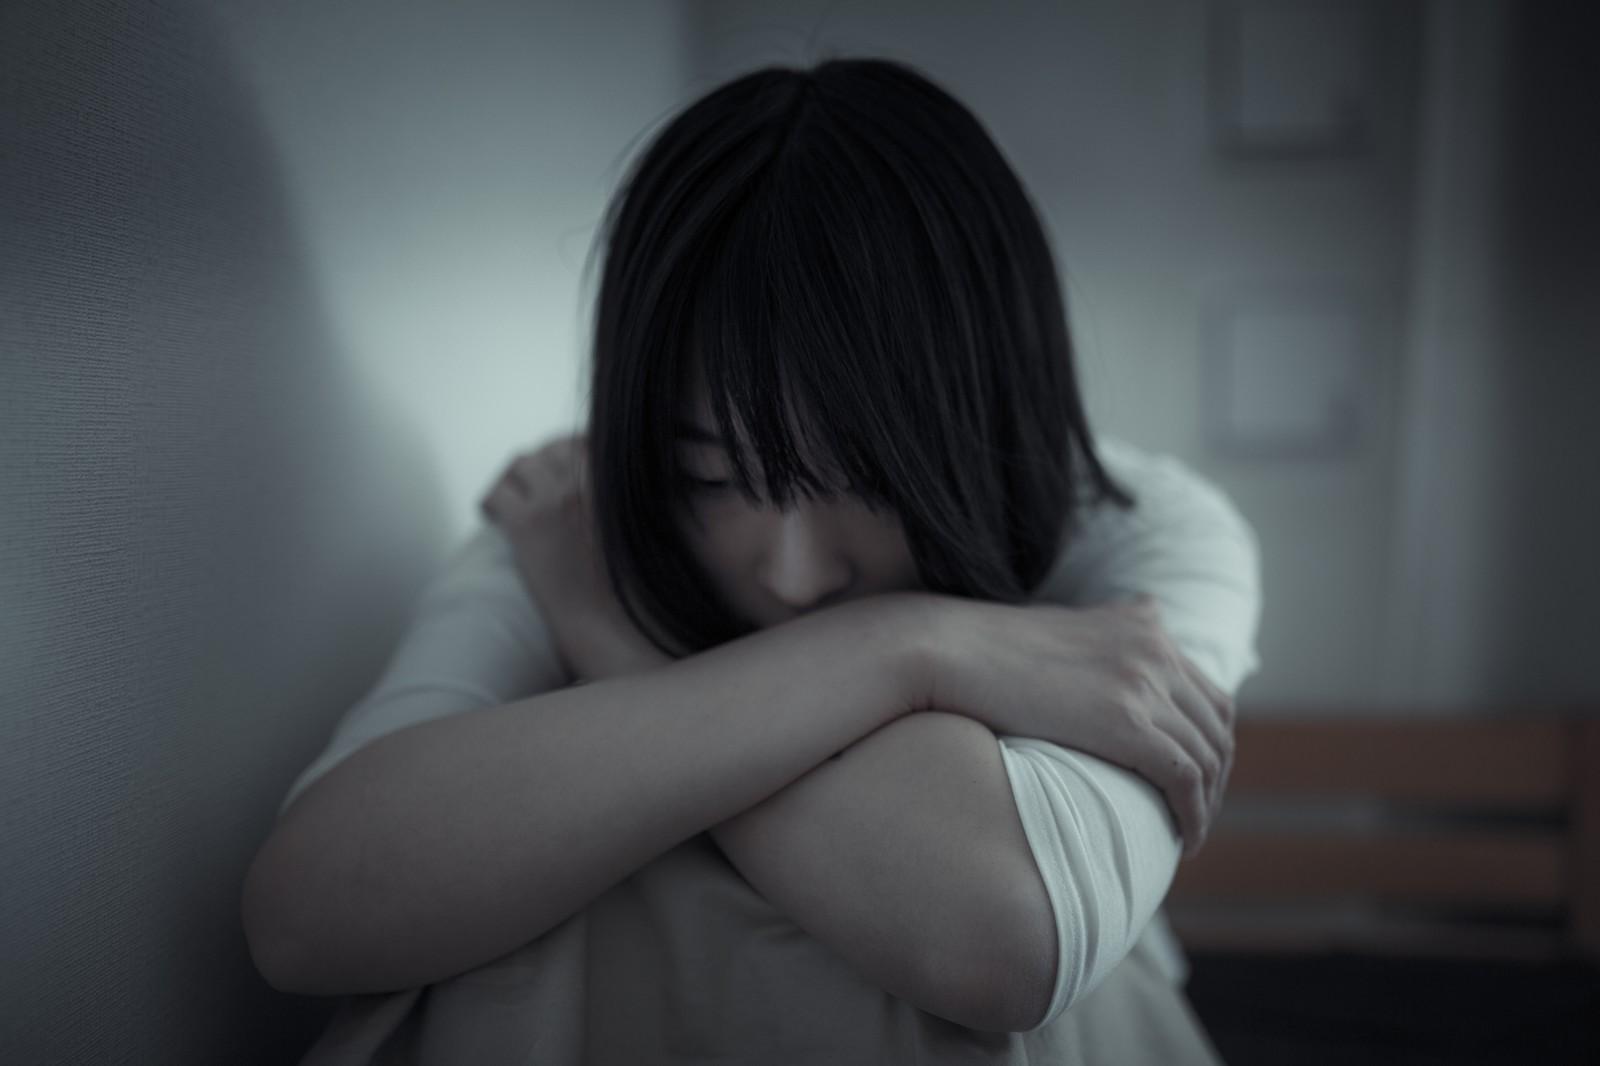 同級生「今度会わない?^^」妊婦の私『体調悪くて…ごめんね』→(ピンポーン!)私『はーい』→ドアを開けると、お腹に子供が飛び込んできて・・・